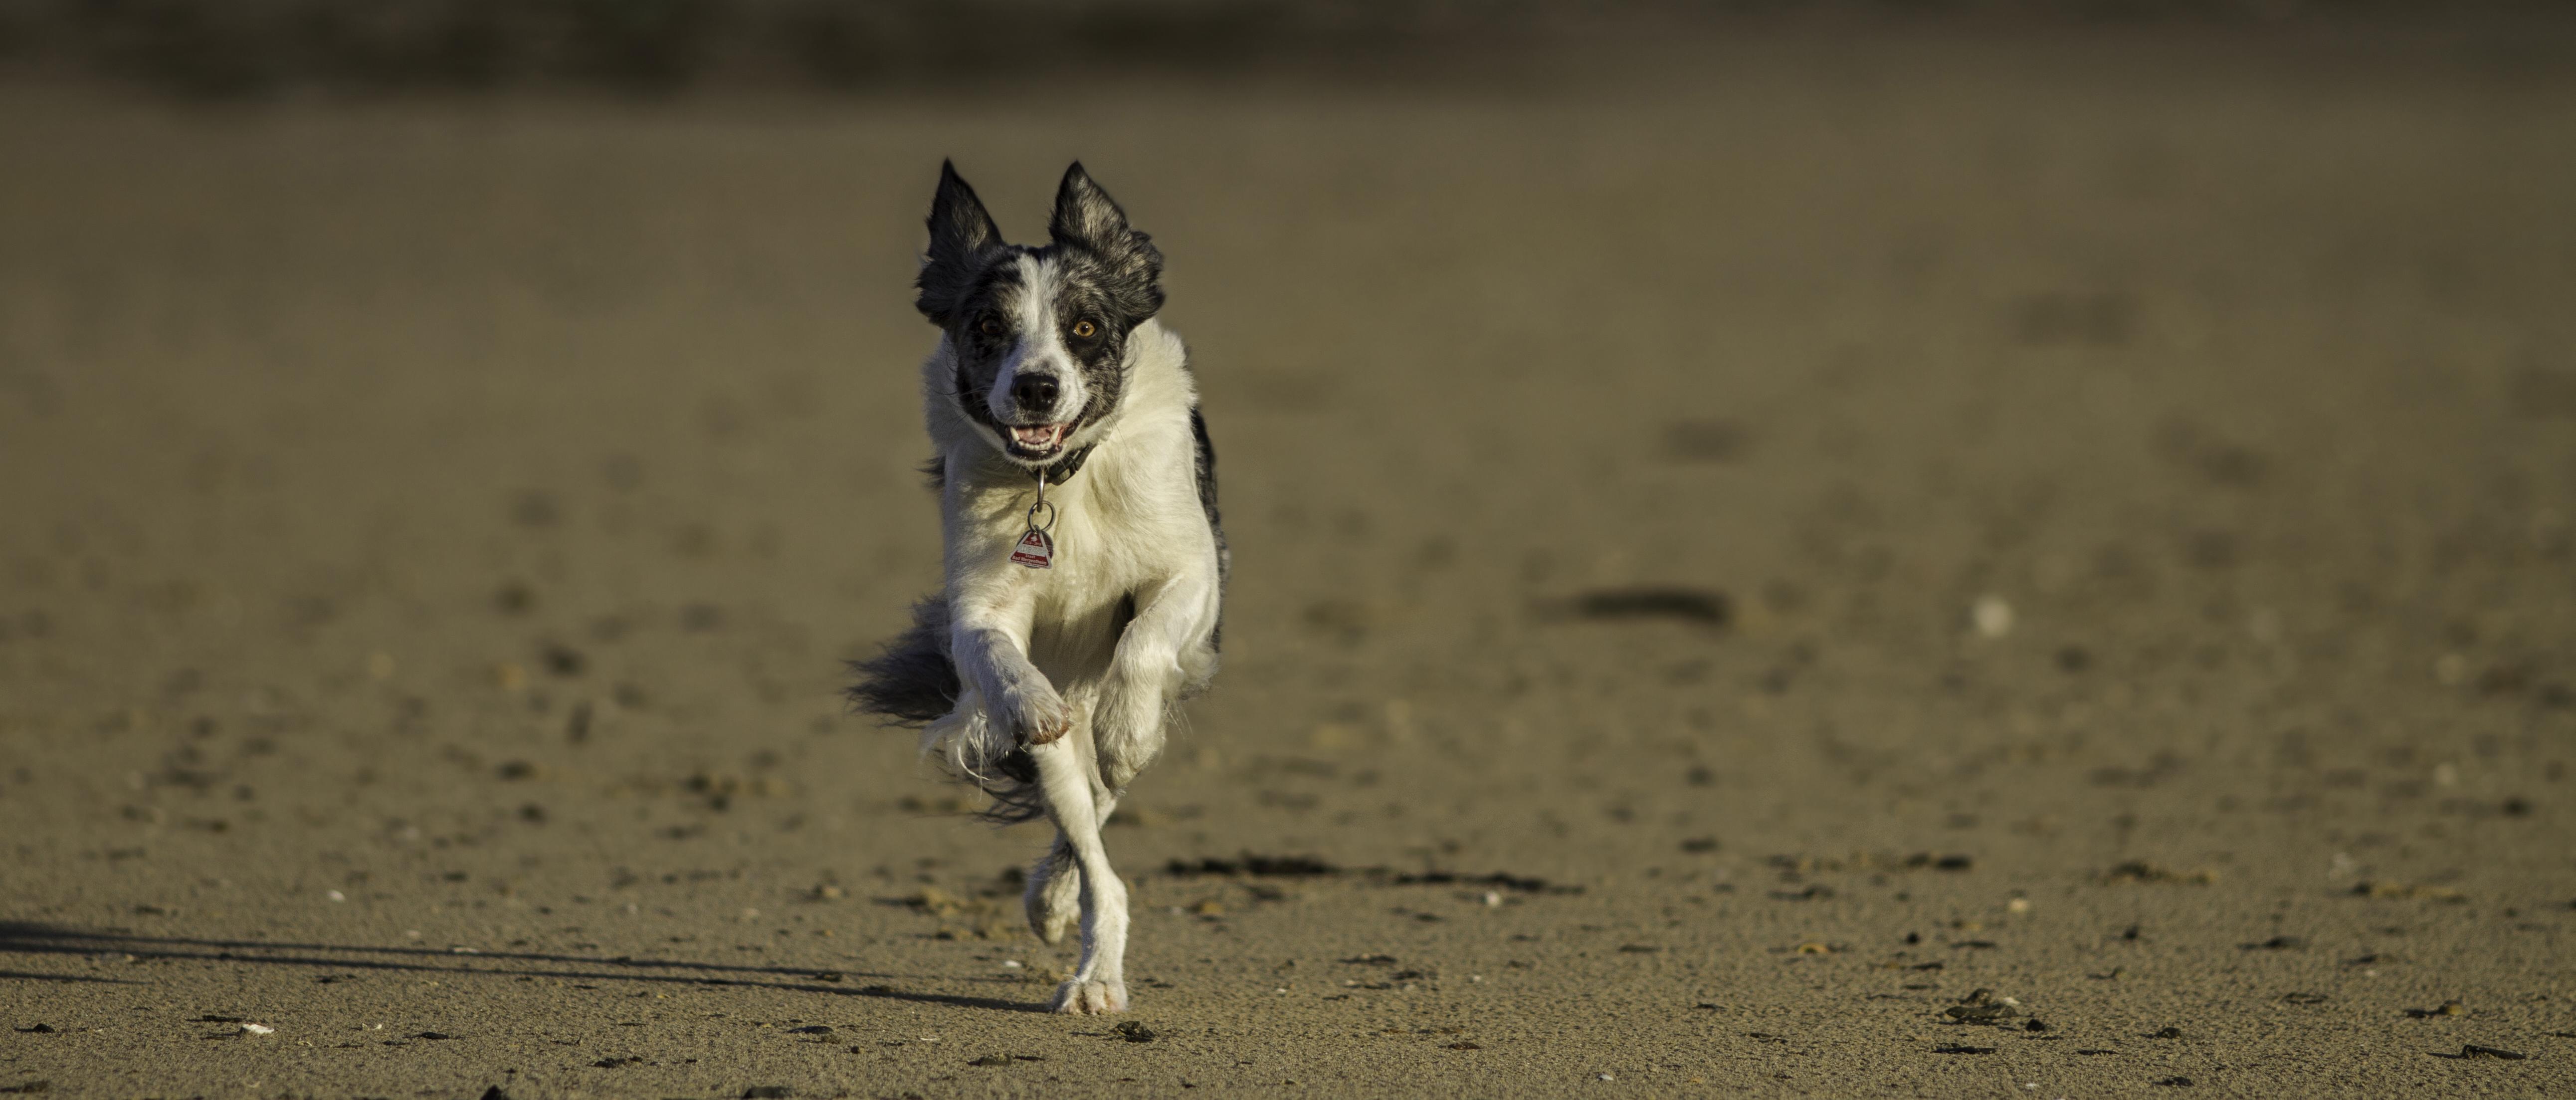 Hund am Strand in der Normandie